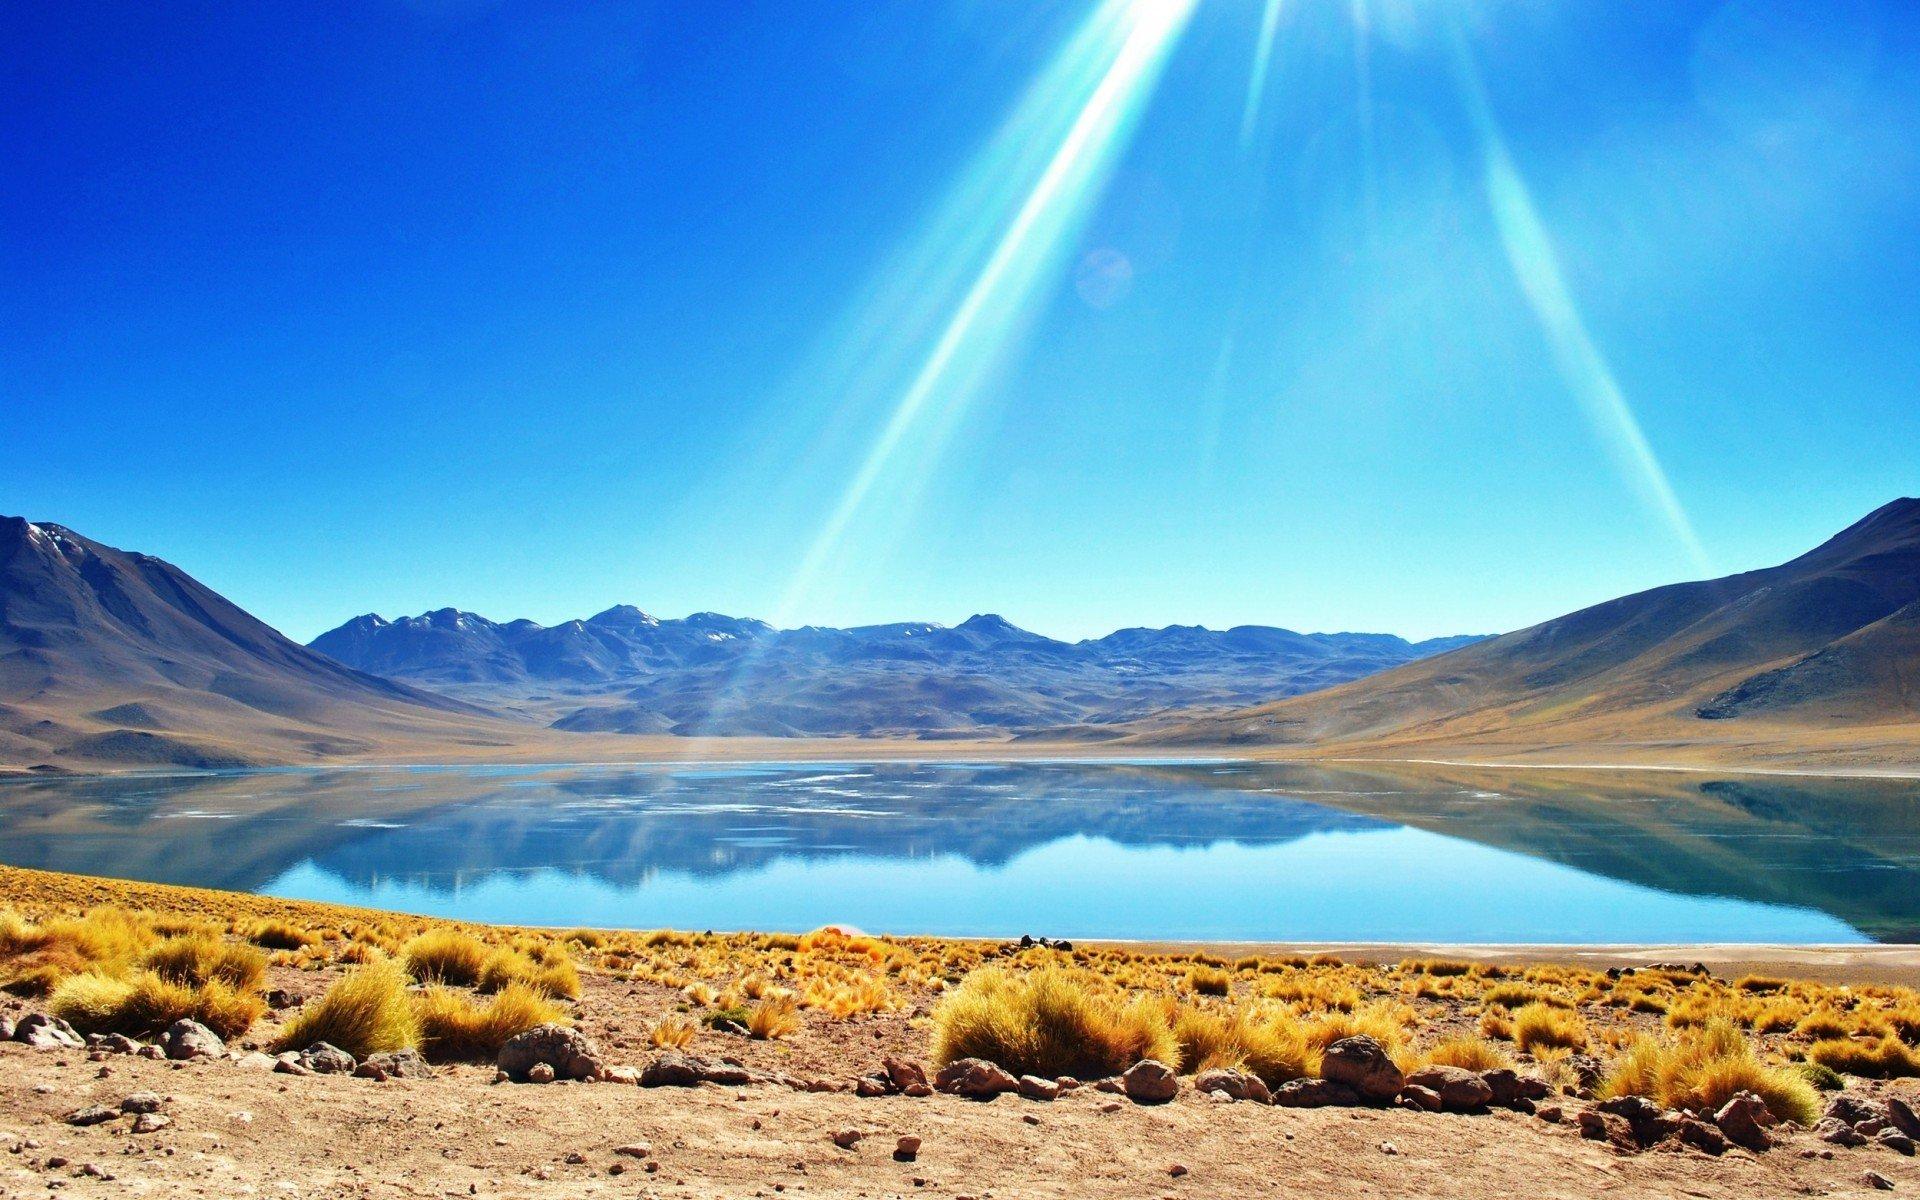 Озеро в пустынных горах загрузить